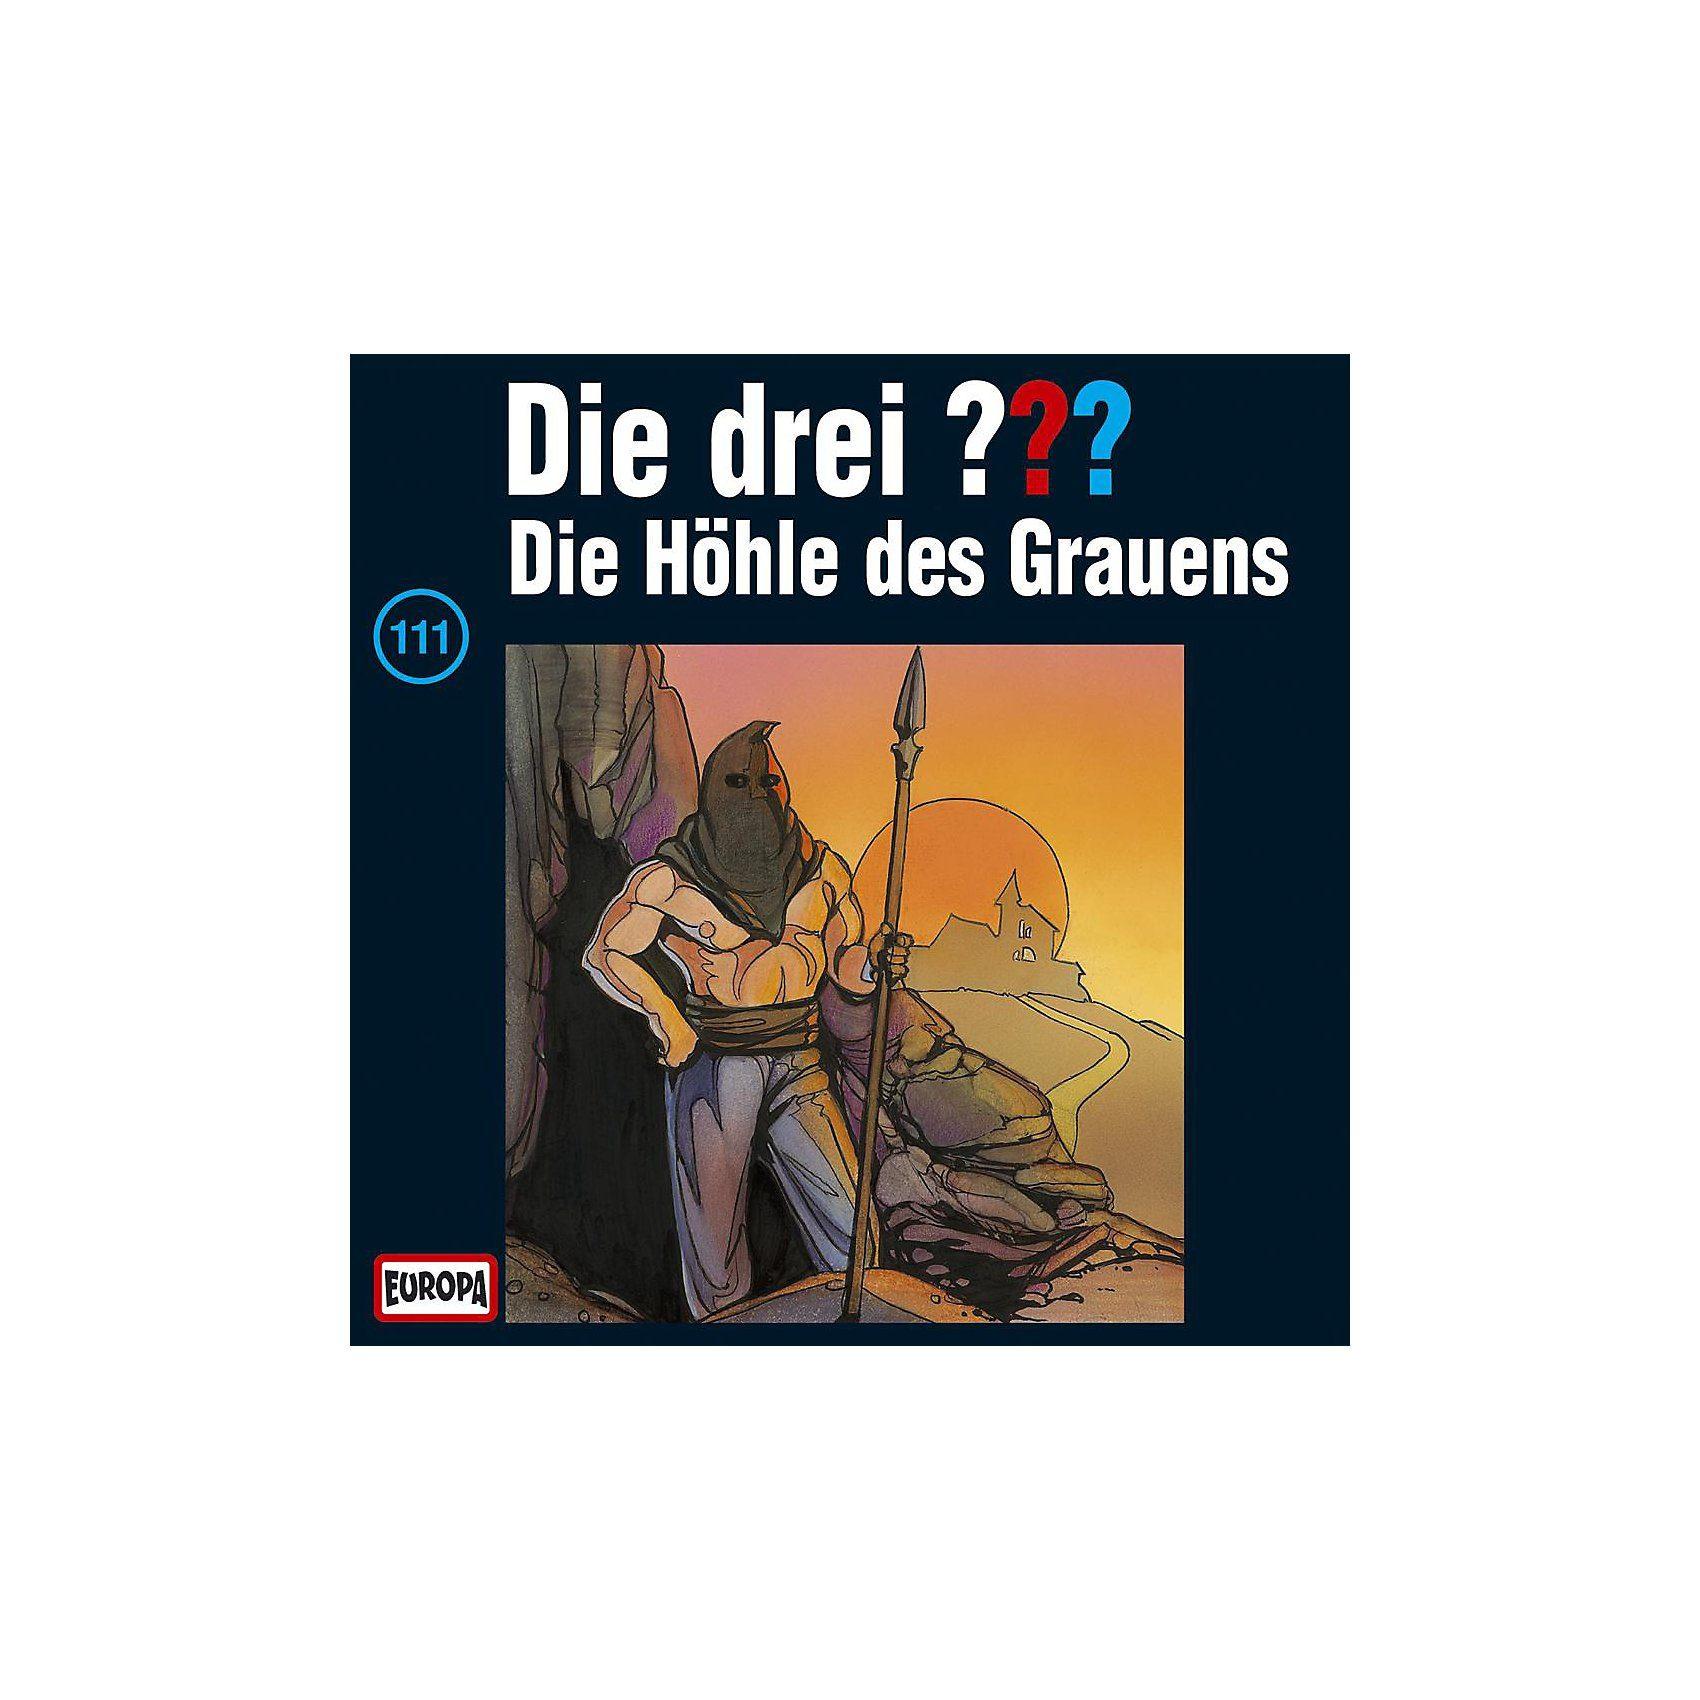 SONY BMG MUSIC CD Die drei ??? 111 (Höhle des Grauens)